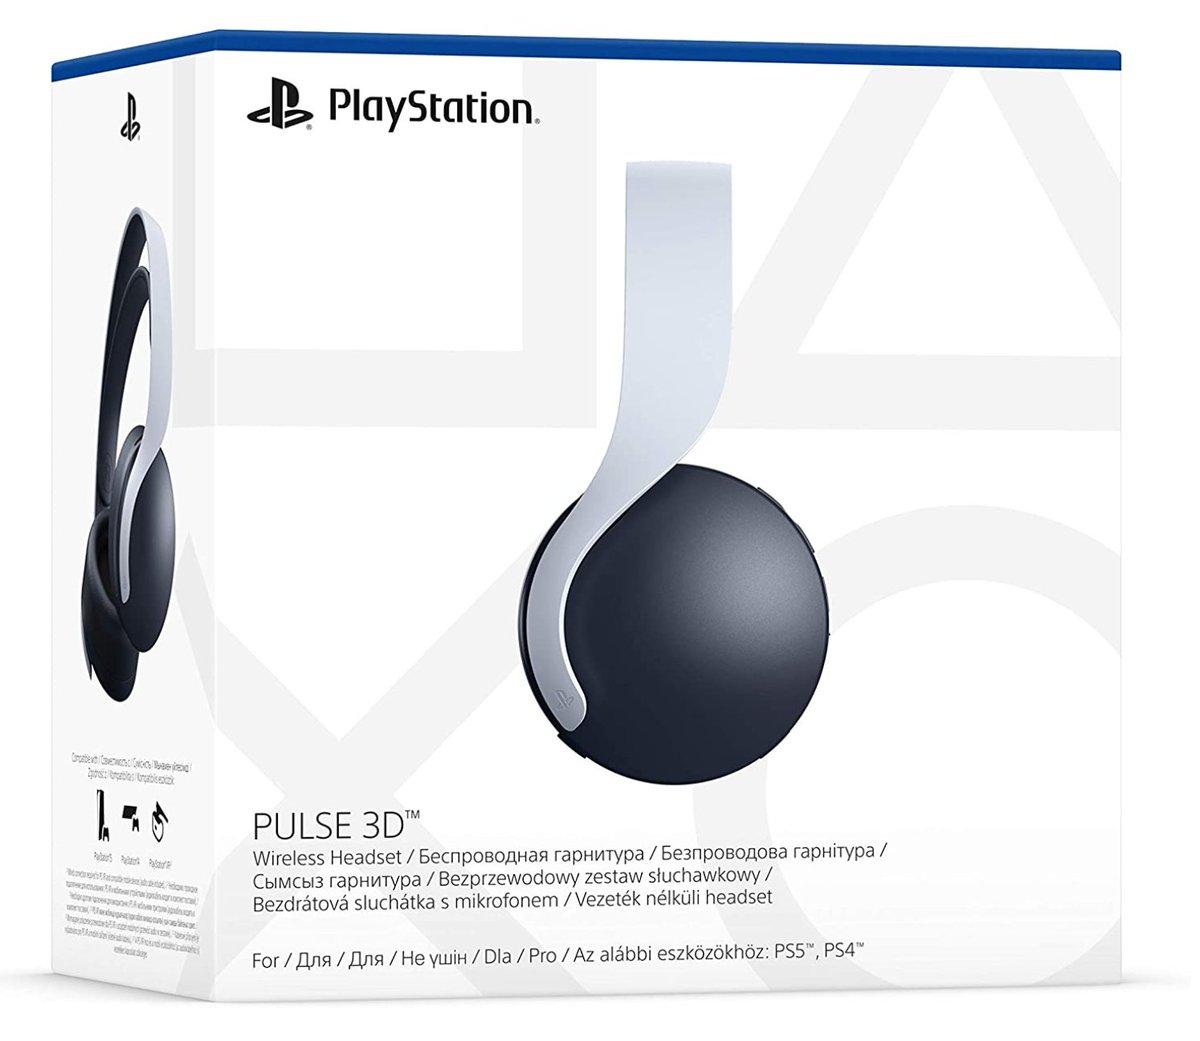 Sony Pulse 3D Headset PS5 $99.00 Amazon 6